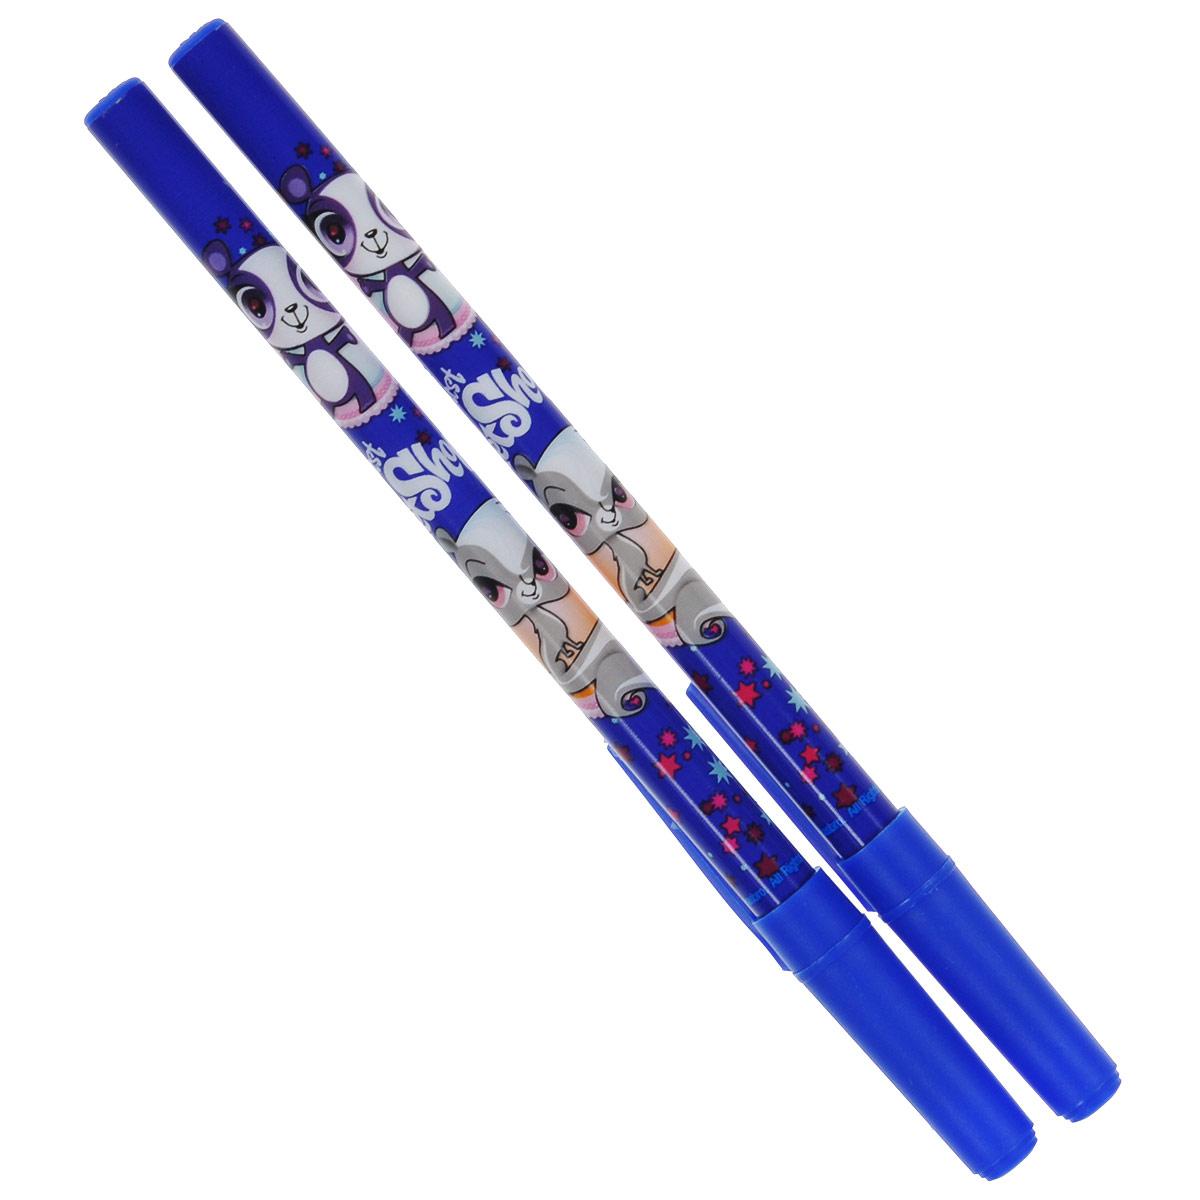 Ручки шариковые, цвет пасты синий, 2 шт. Littlest Pet Shop Поверхность: Бумага. Упаковка: .